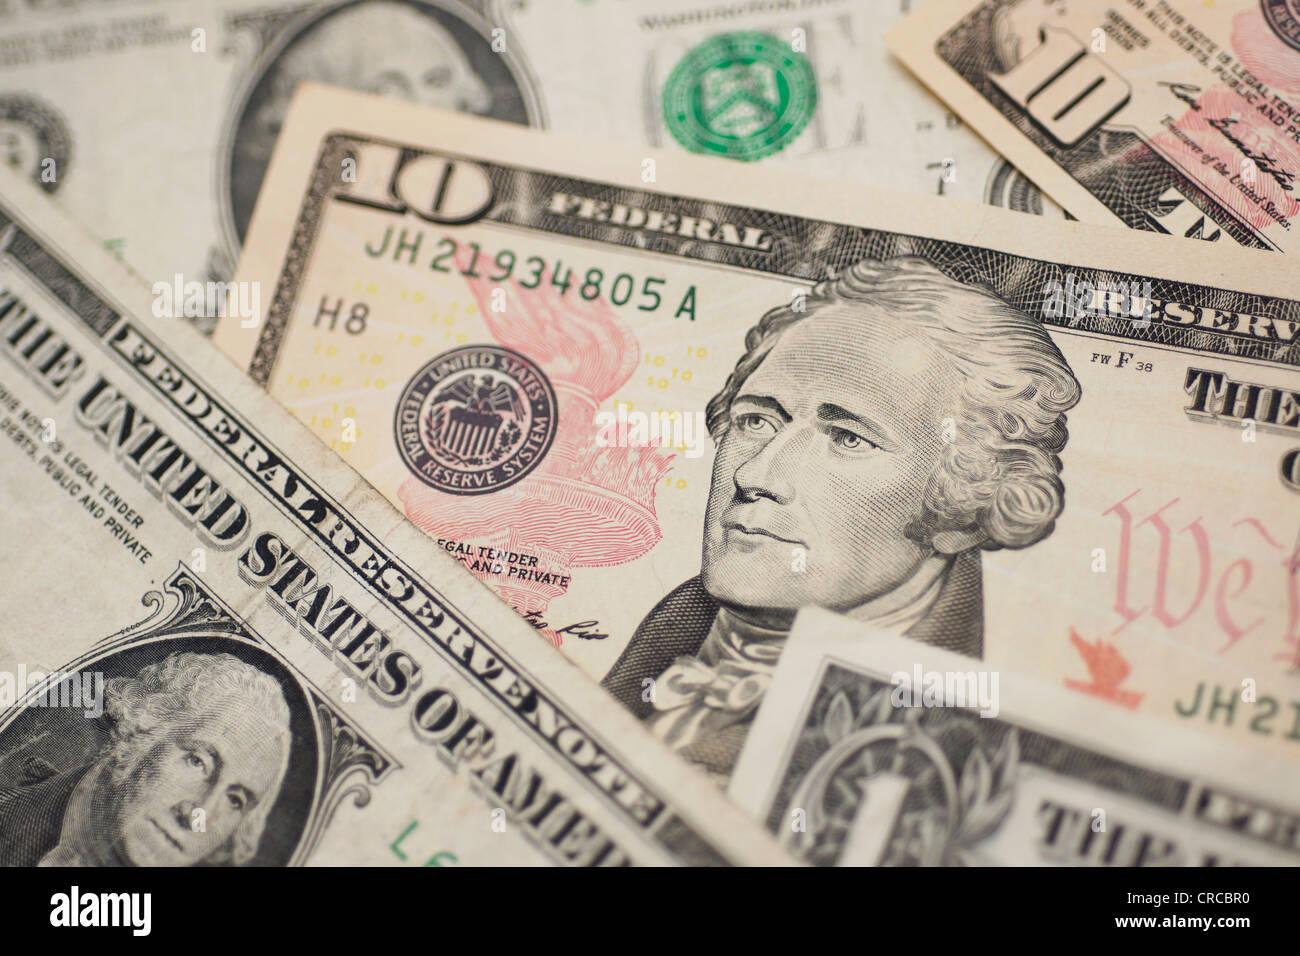 Billets d'un dollar, la devise US Dollars Notes Photo Stock